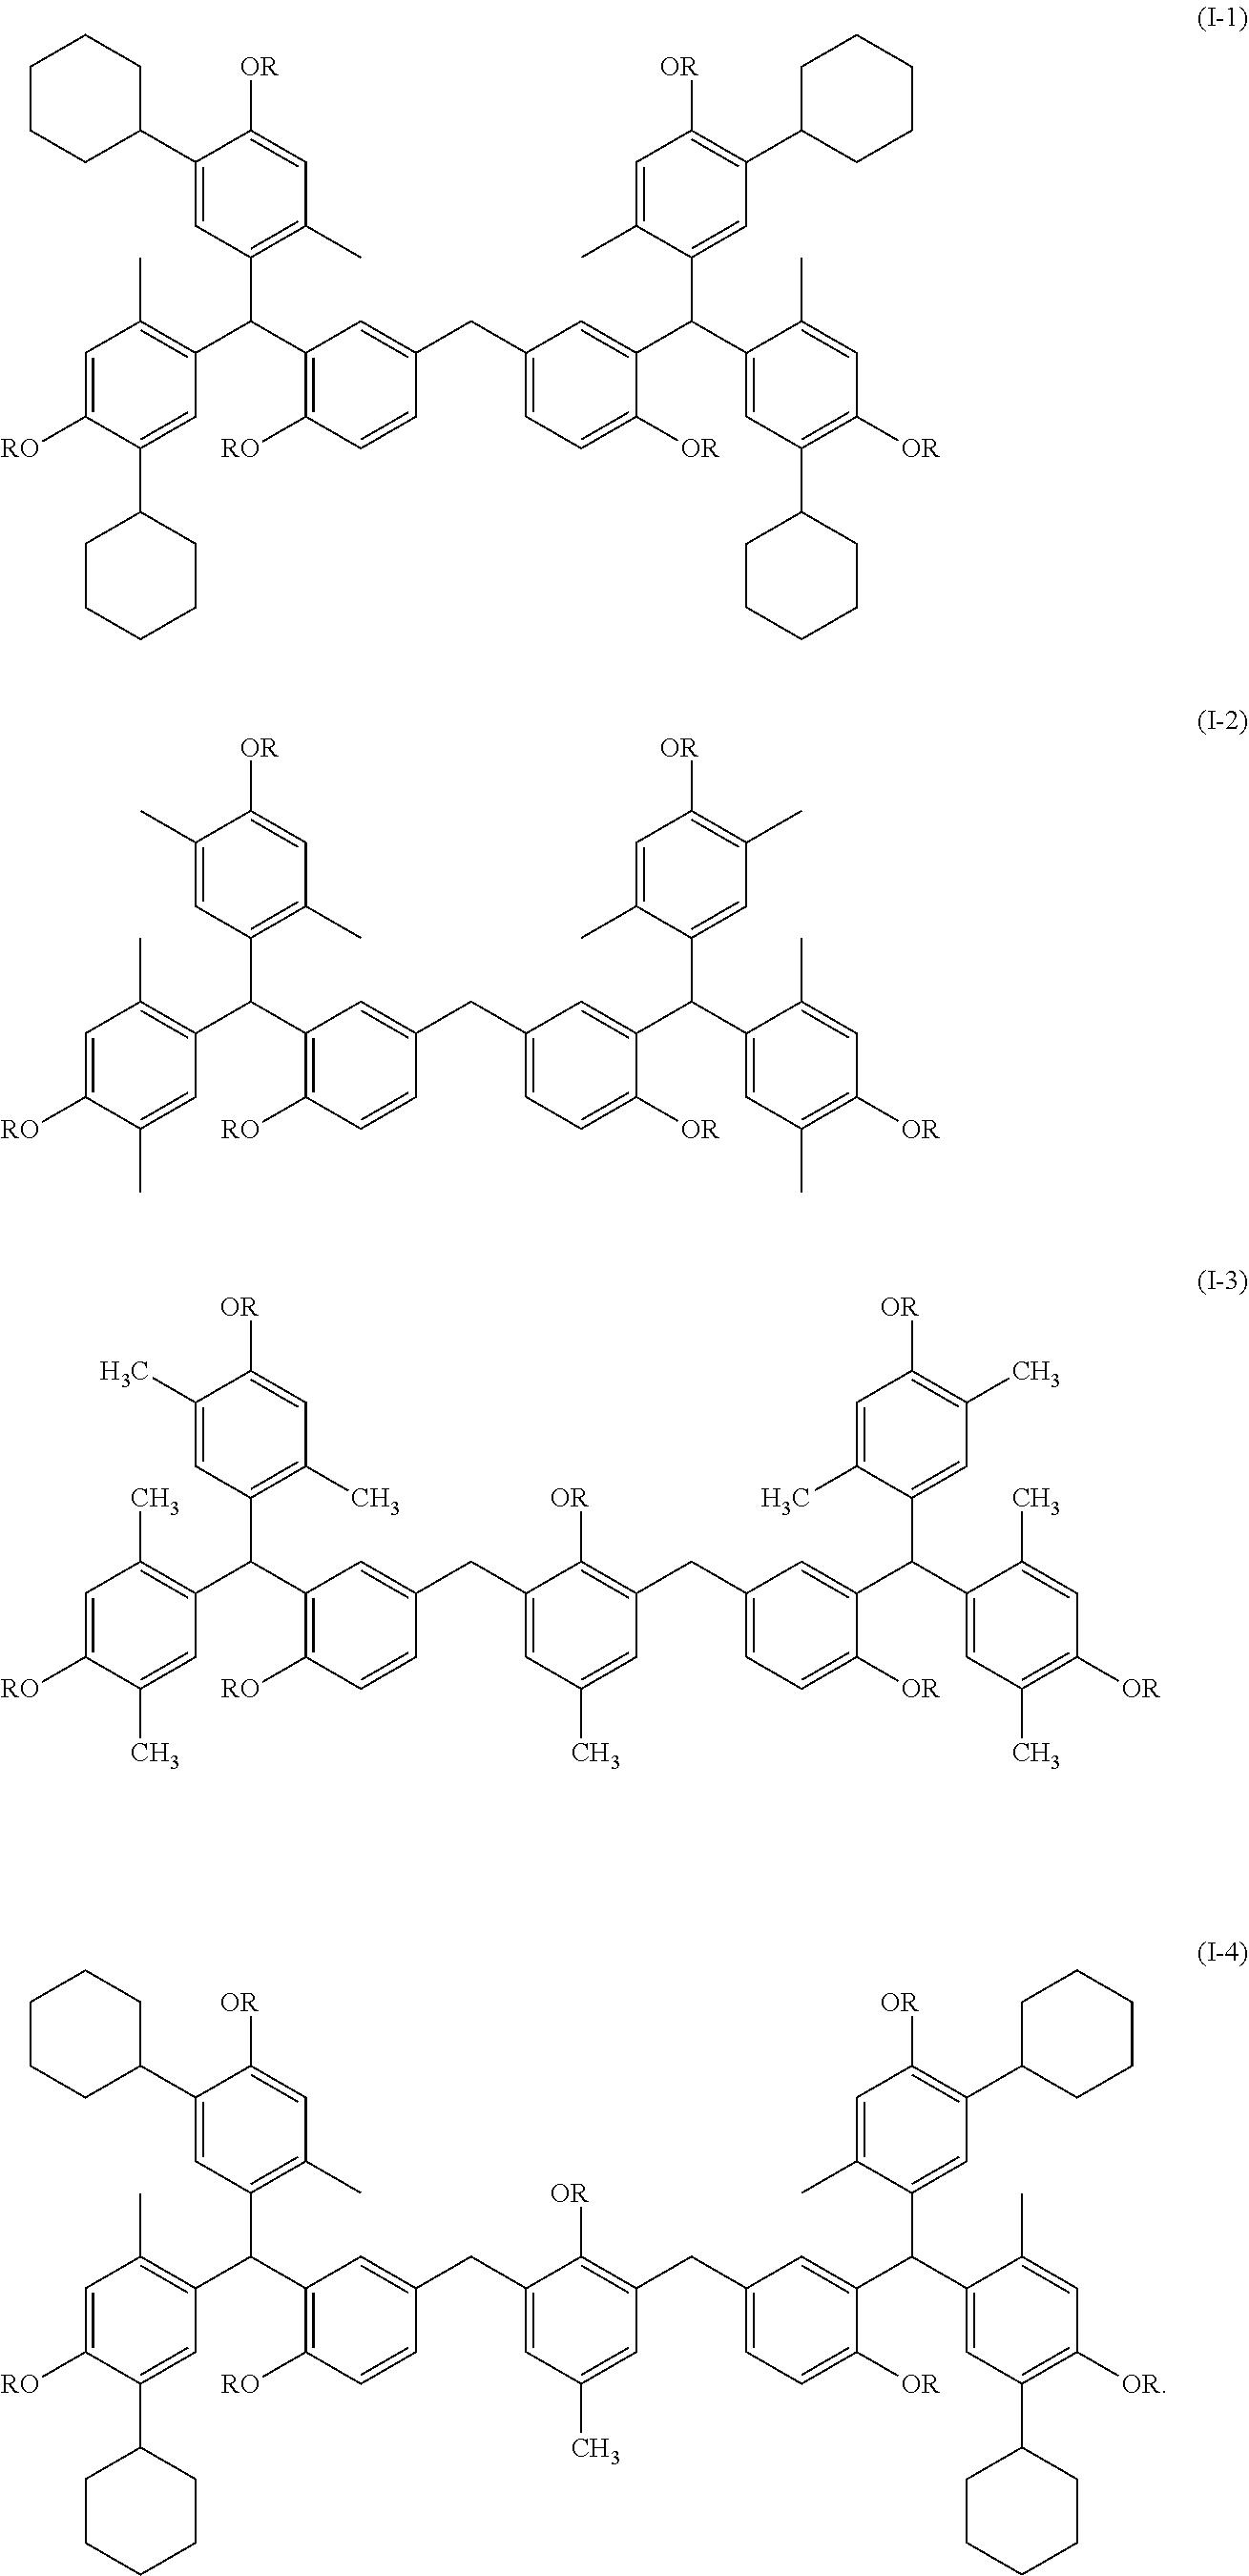 Figure US08206887-20120626-C00035